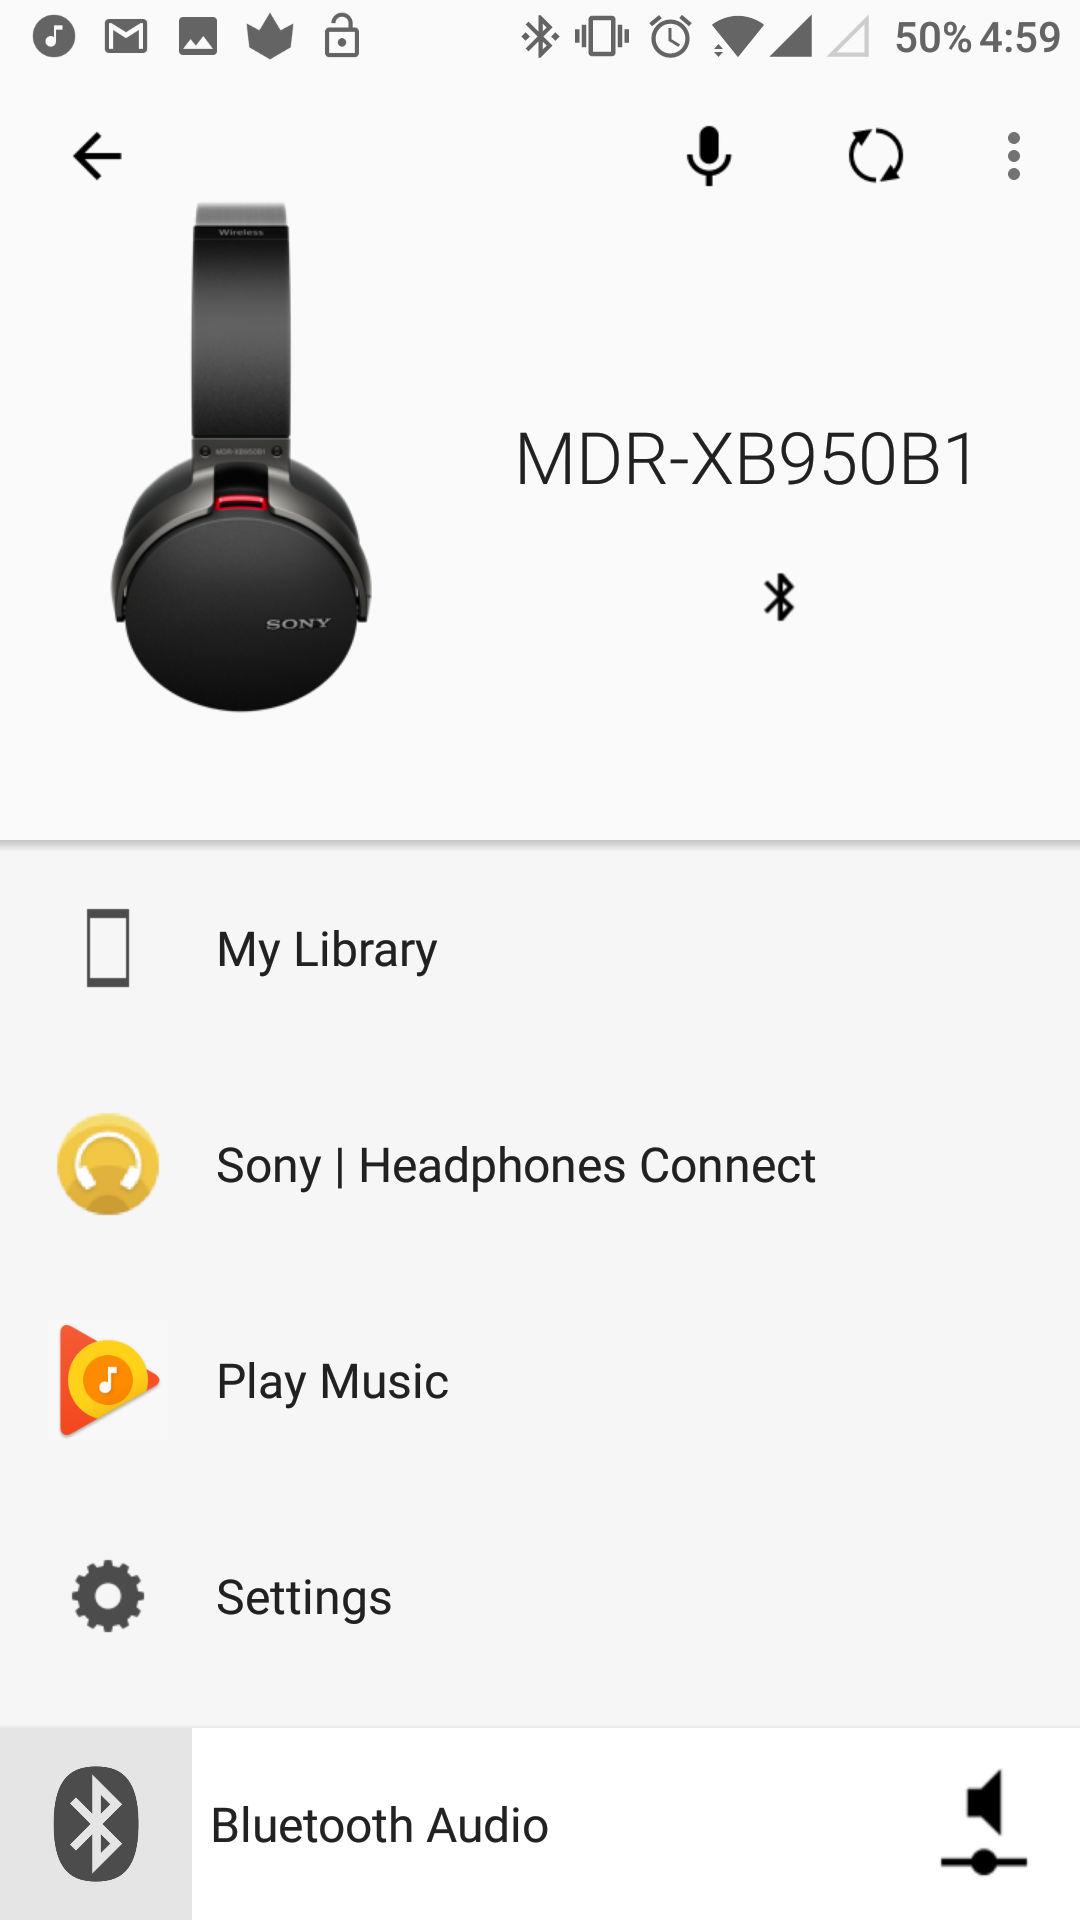 Sony MDR-XB950B1 app UI 1